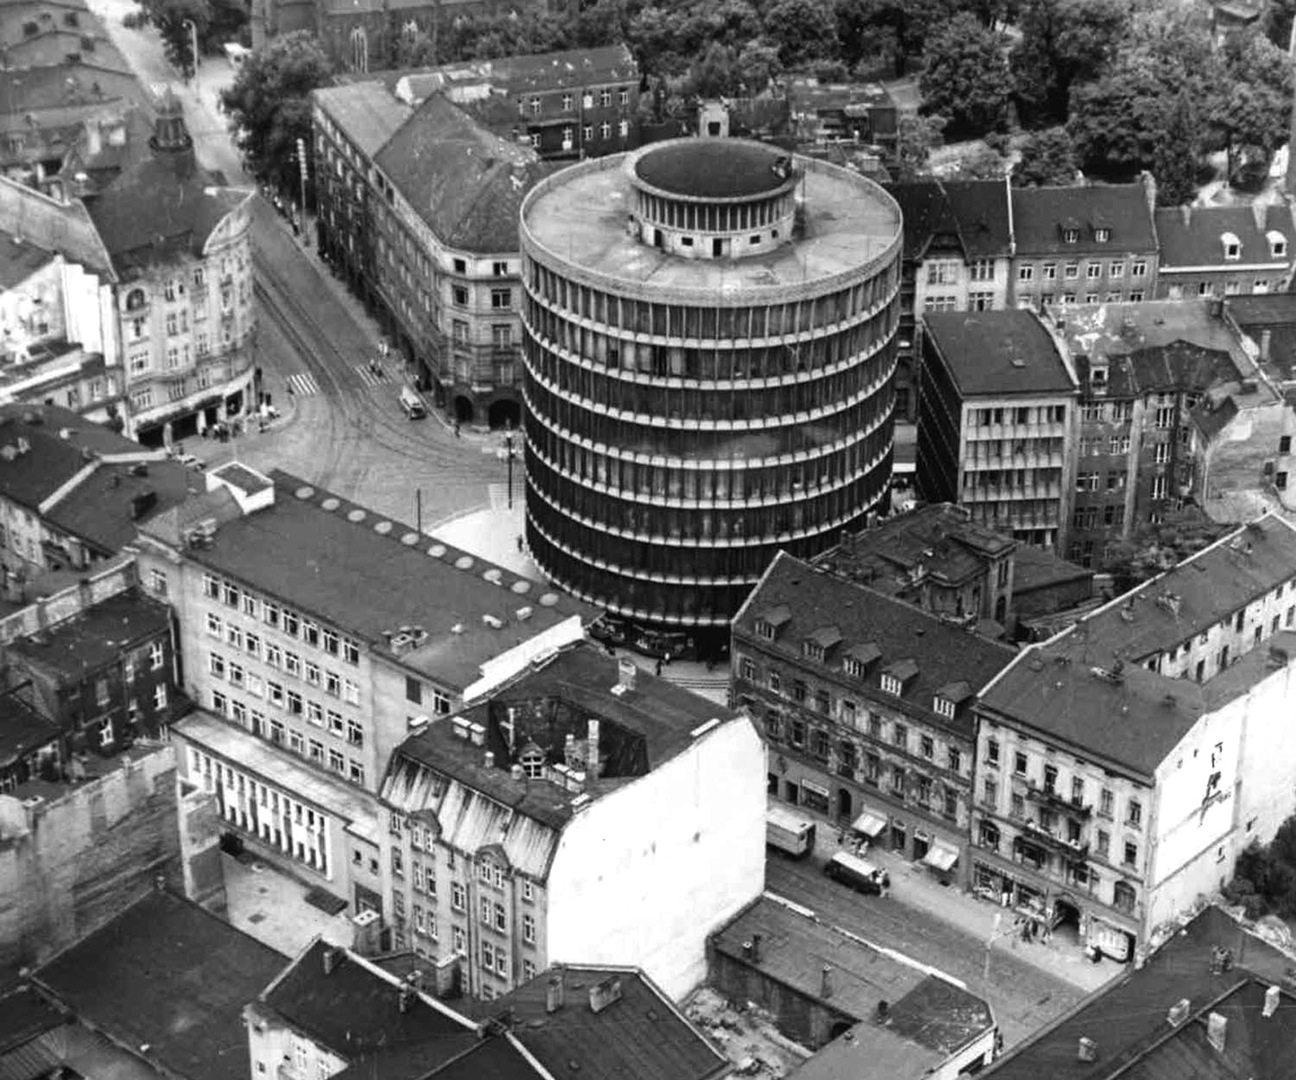 Das Allgemeine Warenhaus Rundling in Posen. Entworfen von Marek Leykam, erbaut 1949–1952